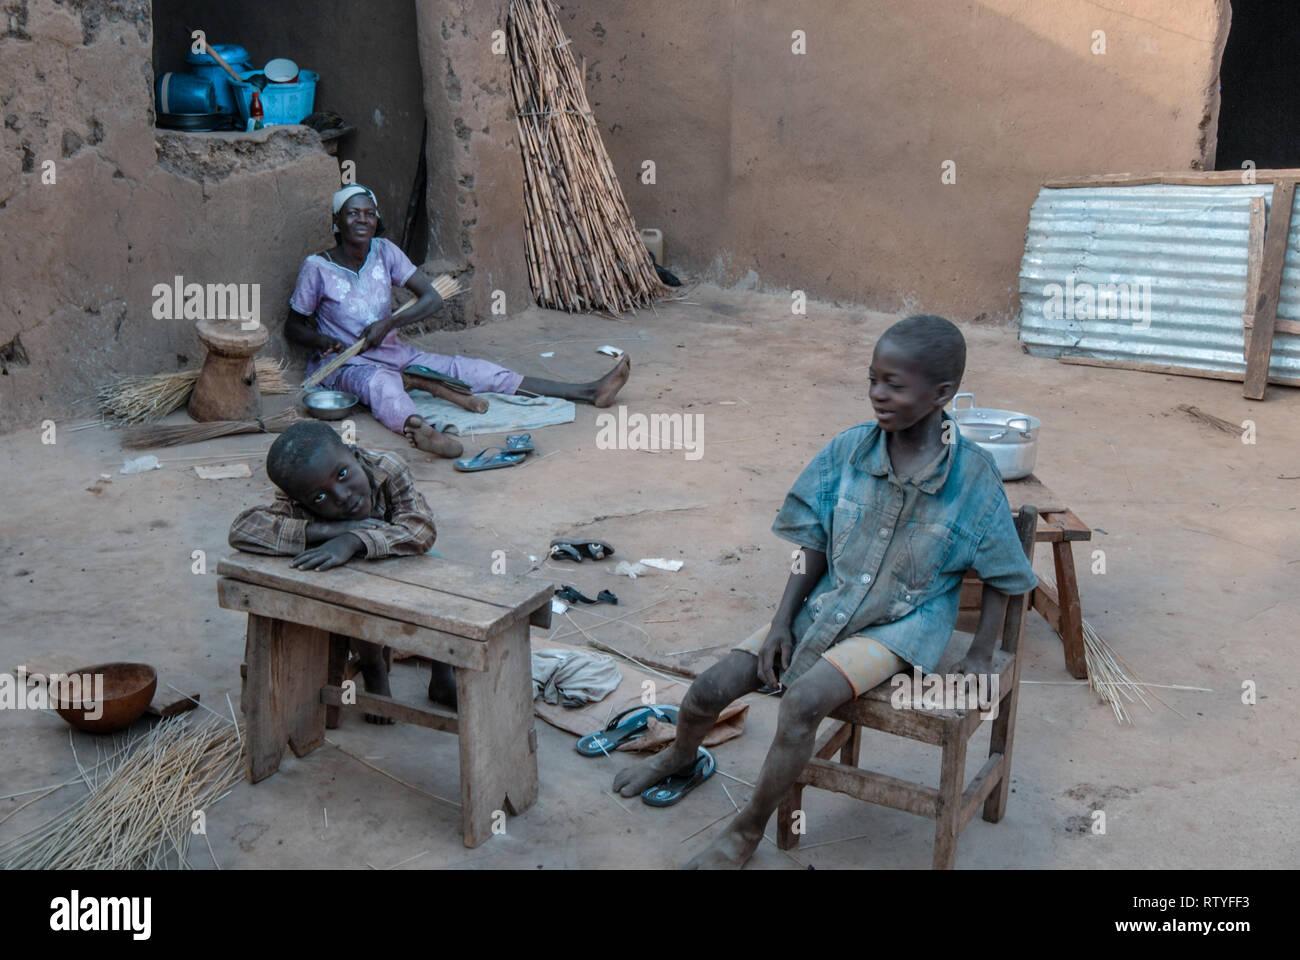 Une photo illustrant la vie quotidienne d'une famille ghanéenne. Il y a la mère et les enfants sur la photo. Photo Stock